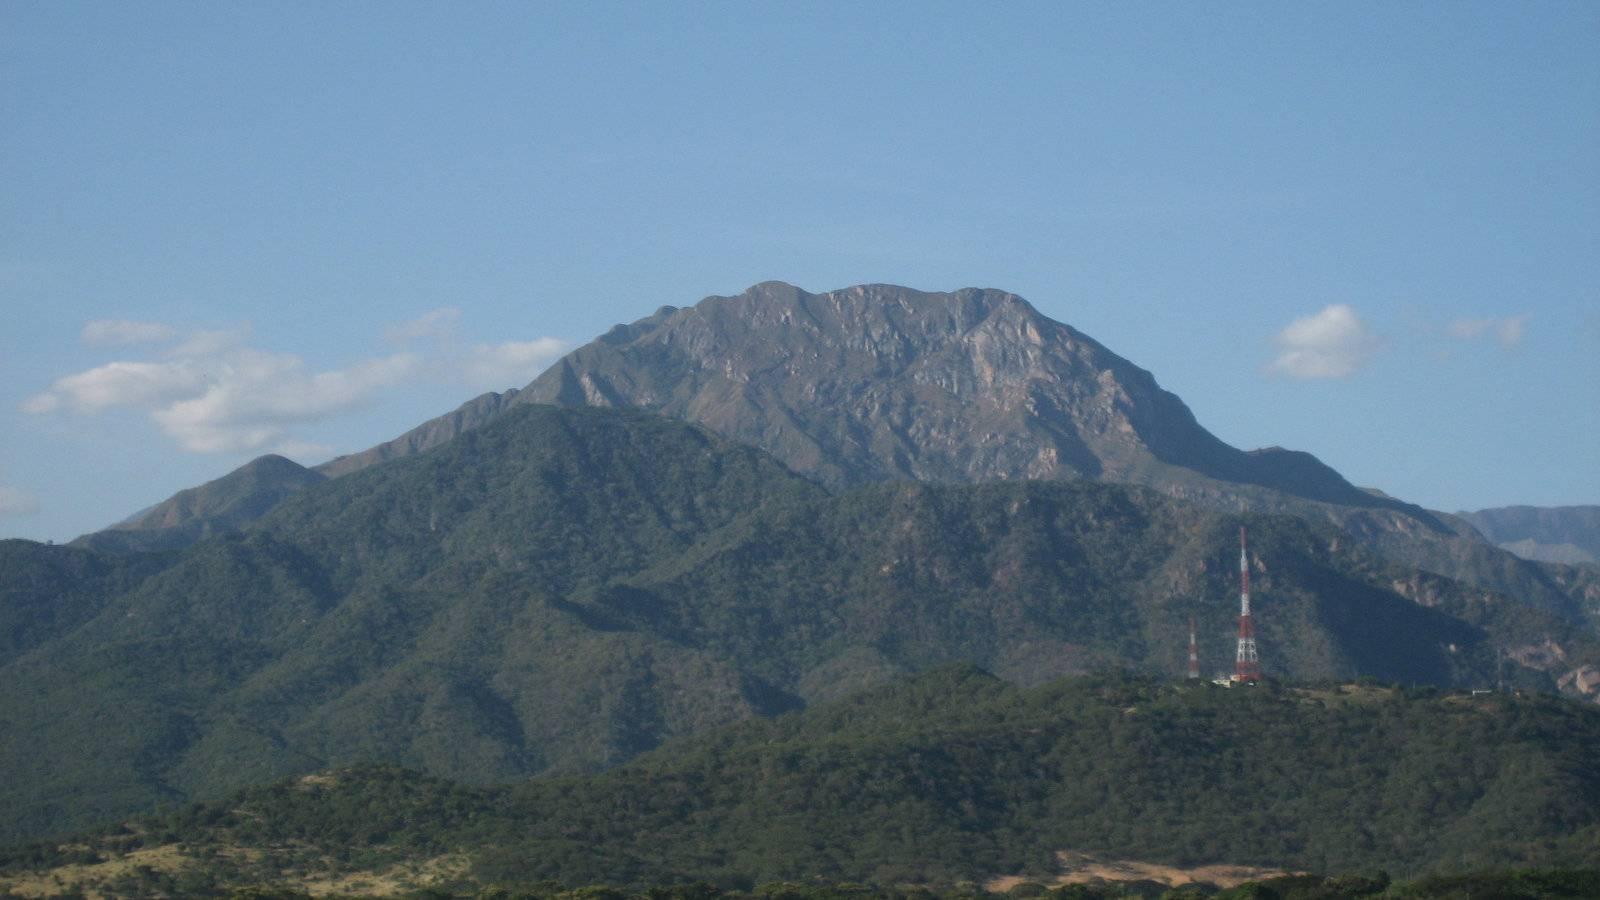 Na Colômbia você encontra a montanha costeira mais alta do mundo, a Sierra Nevada de Santa Marta